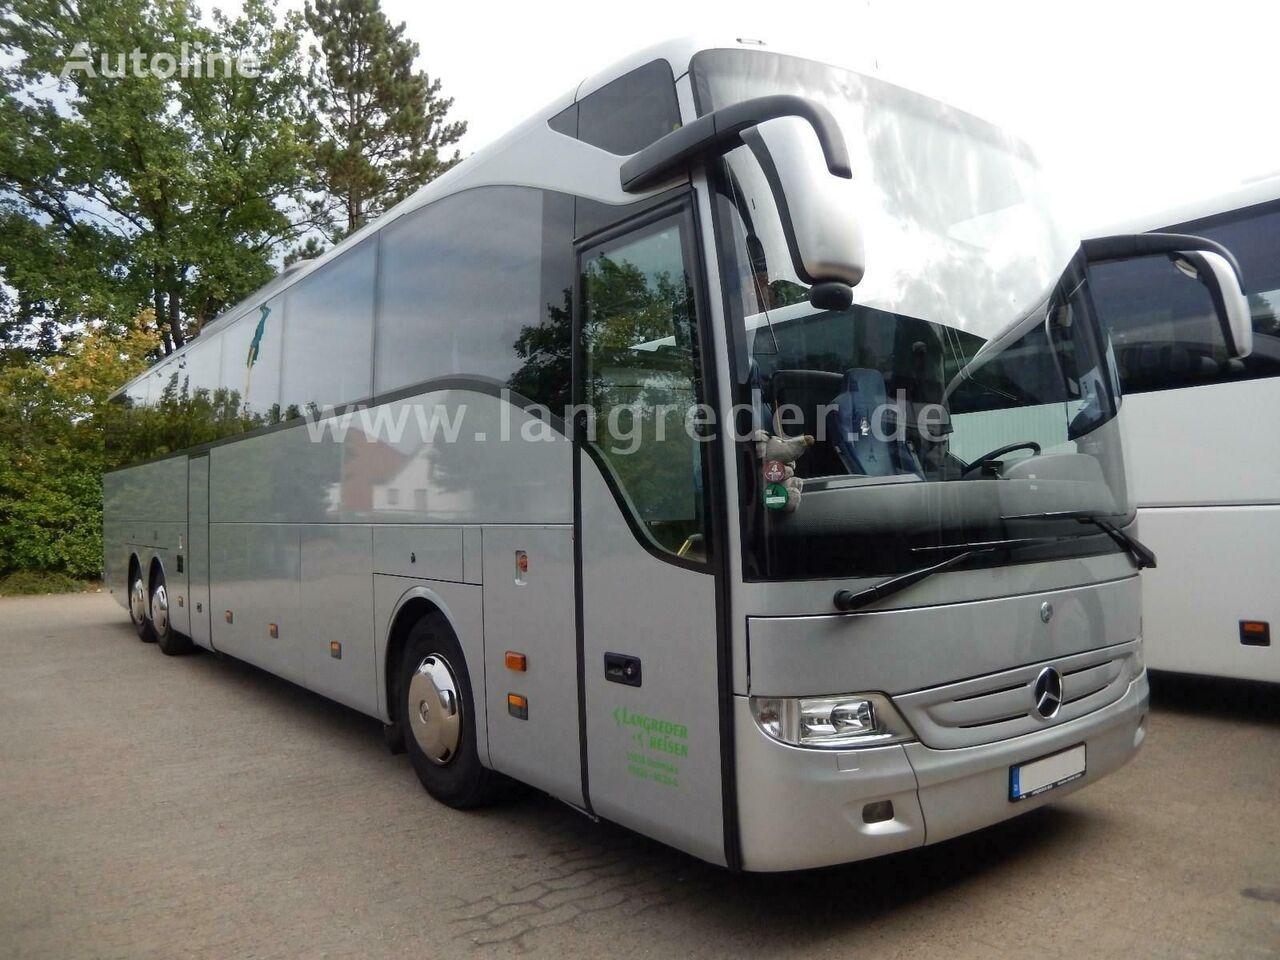 MERCEDES-BENZ Tourismo RHD-L autocar